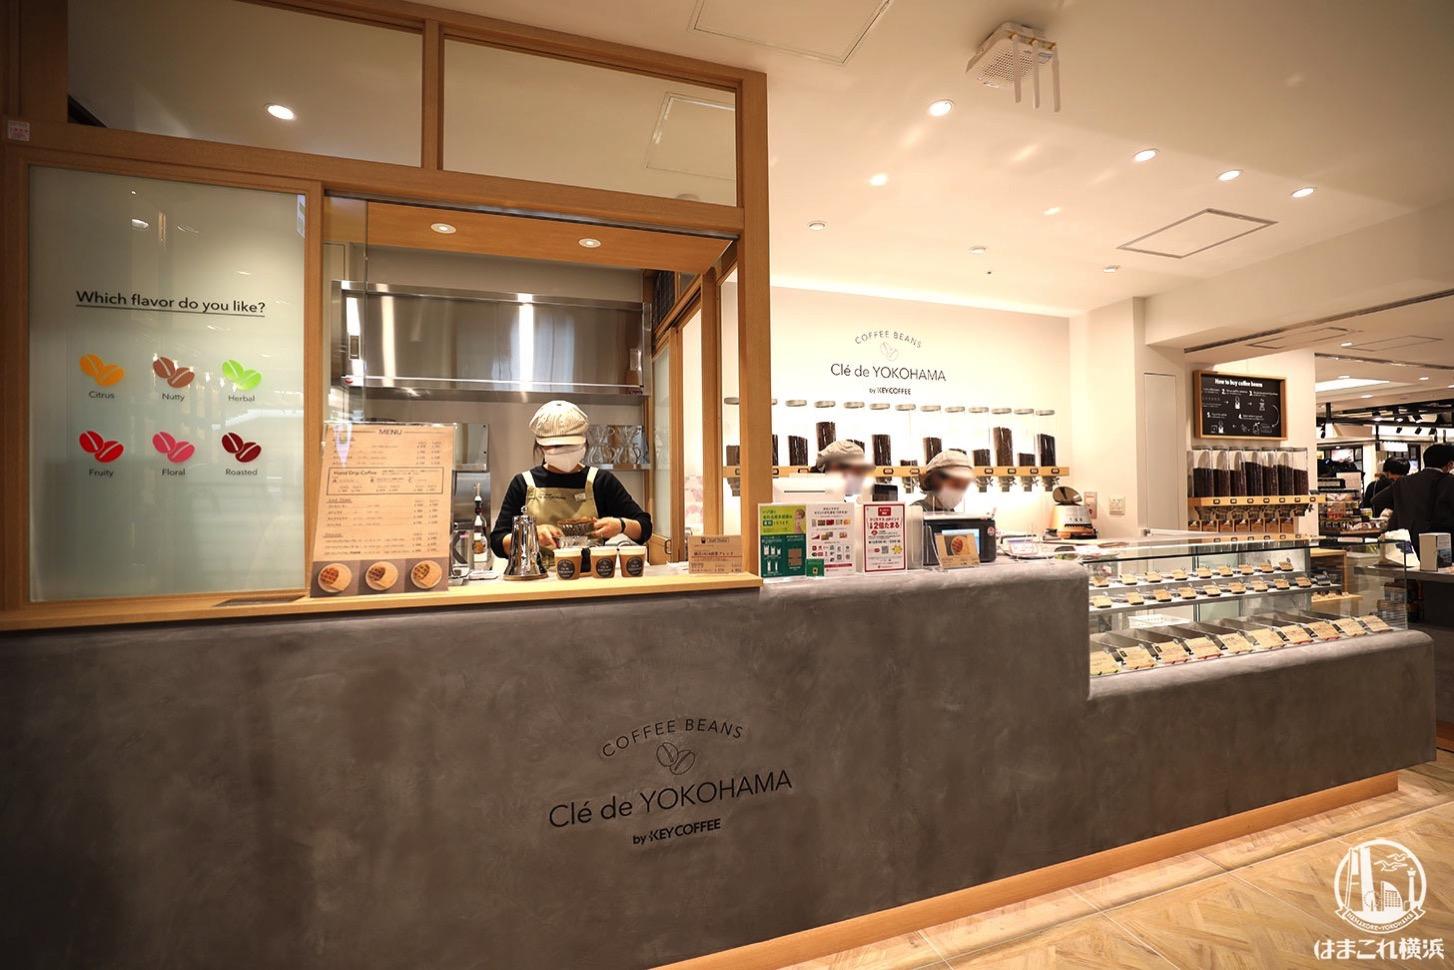 横浜高島屋のキーコーヒー新業態で限定コーヒーやハンドドリップコーヒー!コーヒービーンズクレドヨコハマ